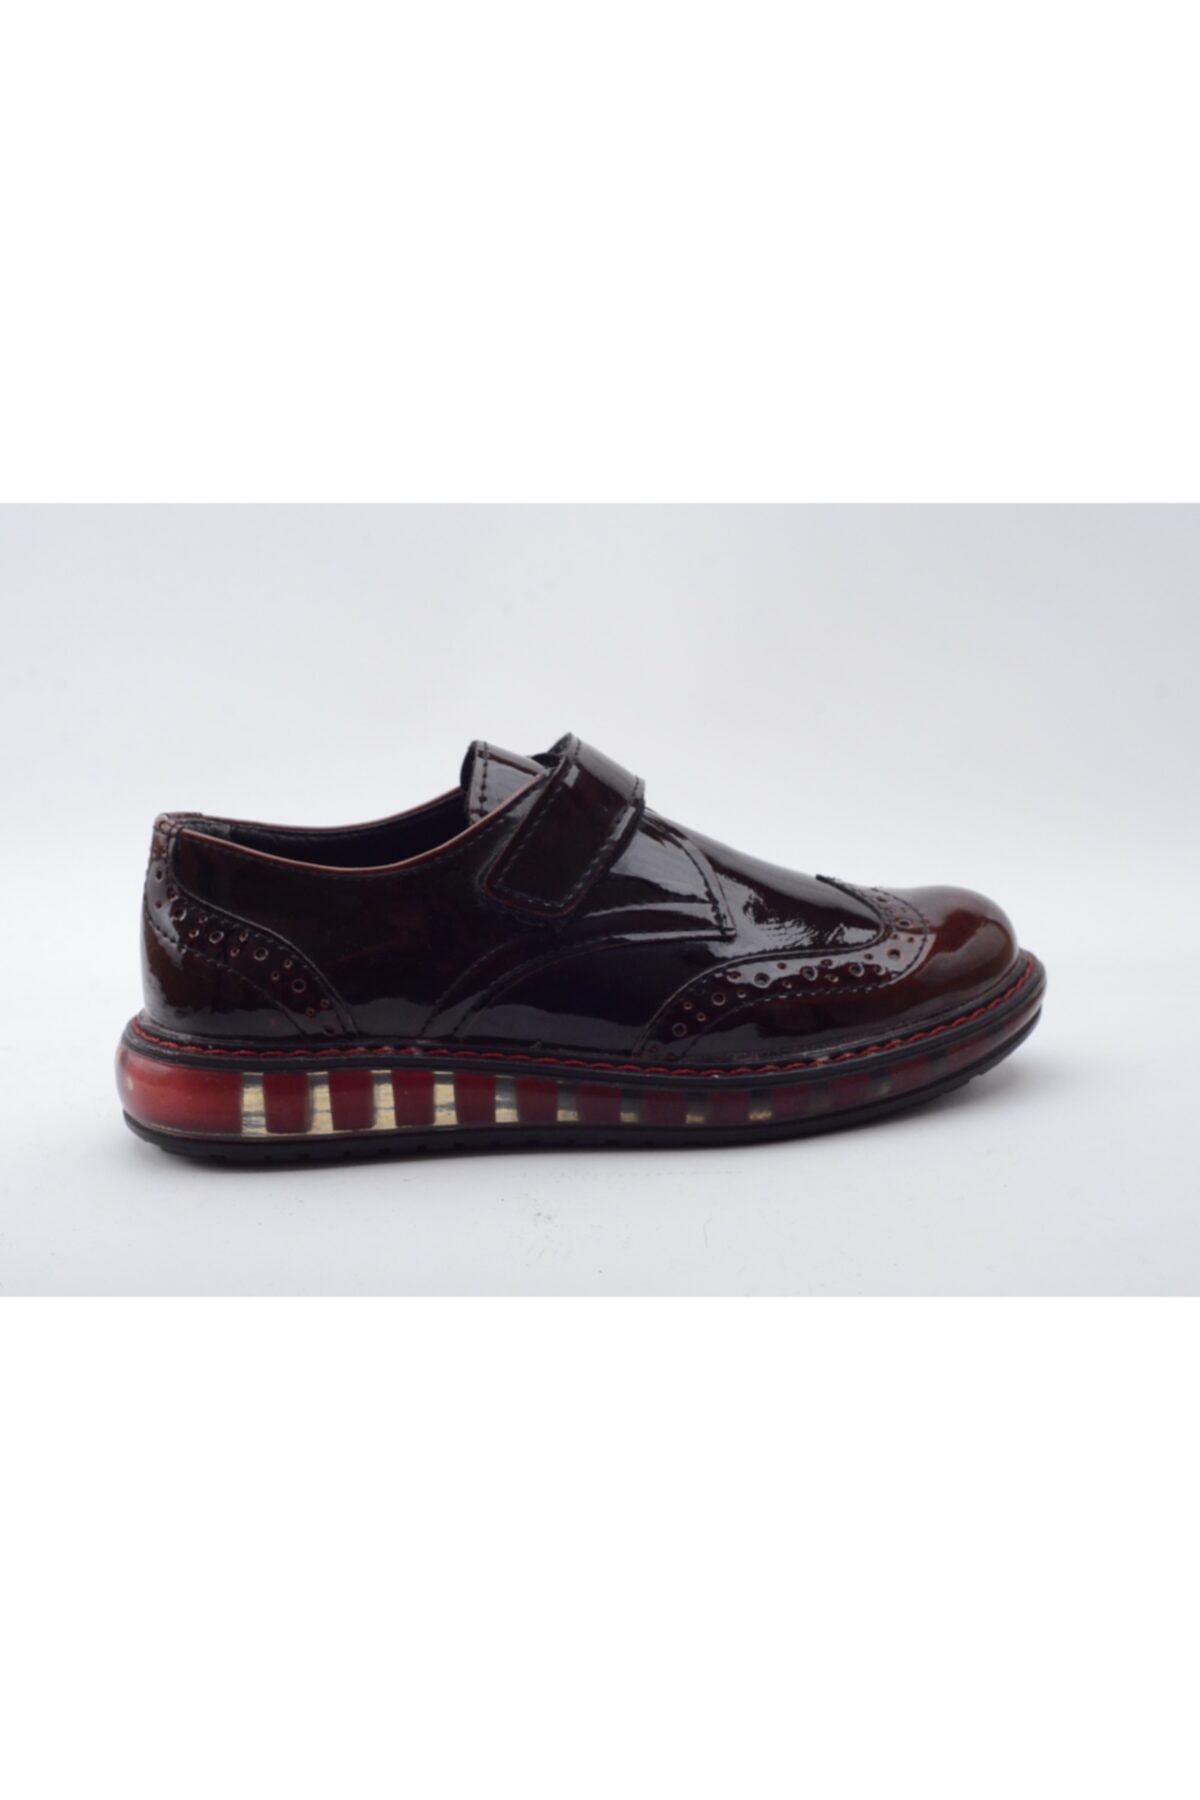 Flubber Erkek Çocuk Cırtlı Klasik Ayakkabı 1